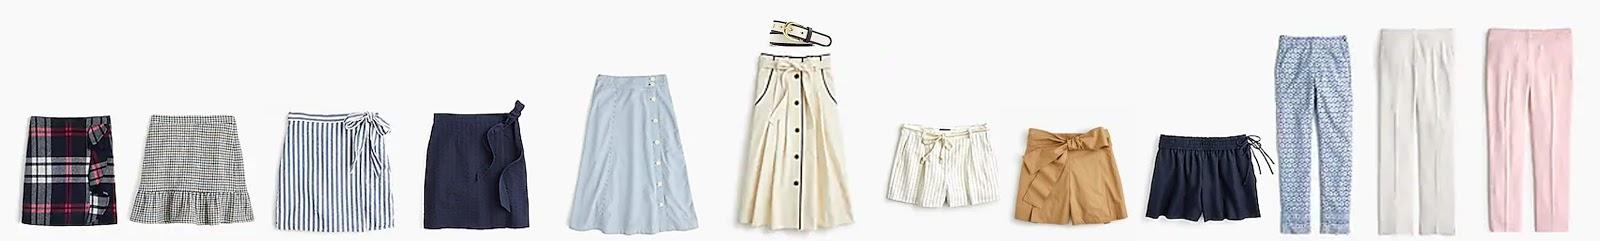 c9ef58ff53 Plaid ruffle mini skirt in double-serge wool x Ruffle mini skirt in  houndstooth x Textured wrap mini skirt in stripe x Textured wrap mini skirt  x ...